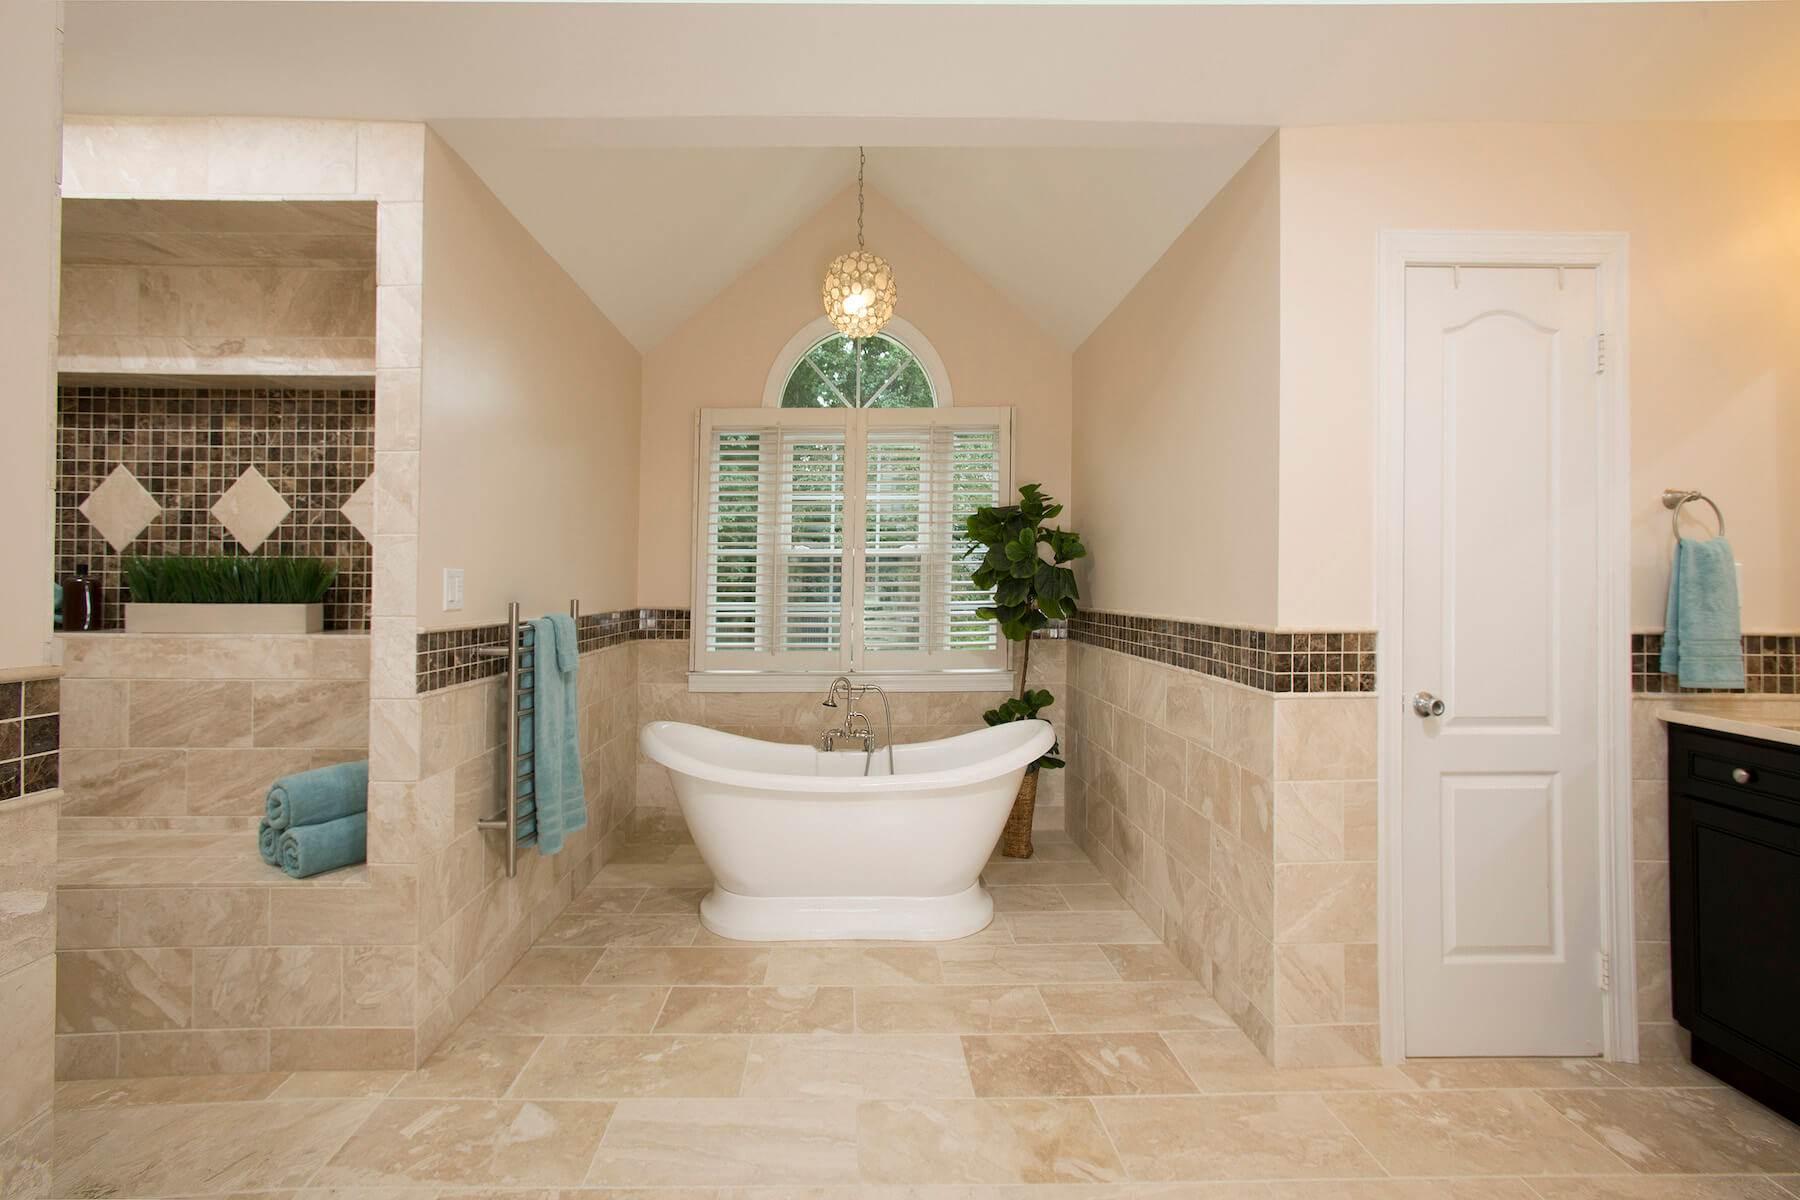 bathroom_9-1-17_113-Copy